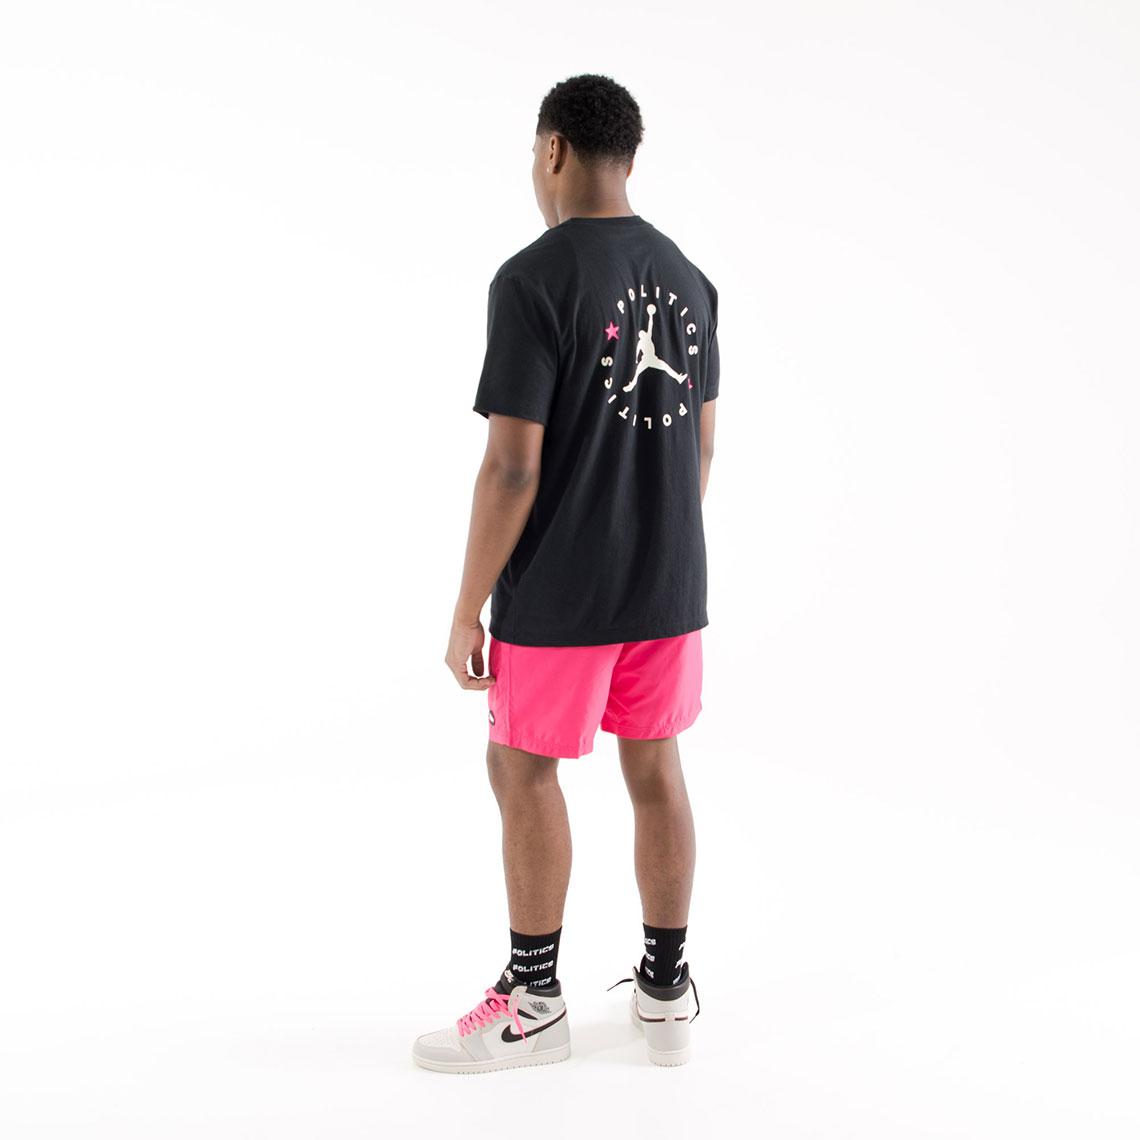 Sneaker Politics Air Jordan 1 Low Block Party Sneakernews Com